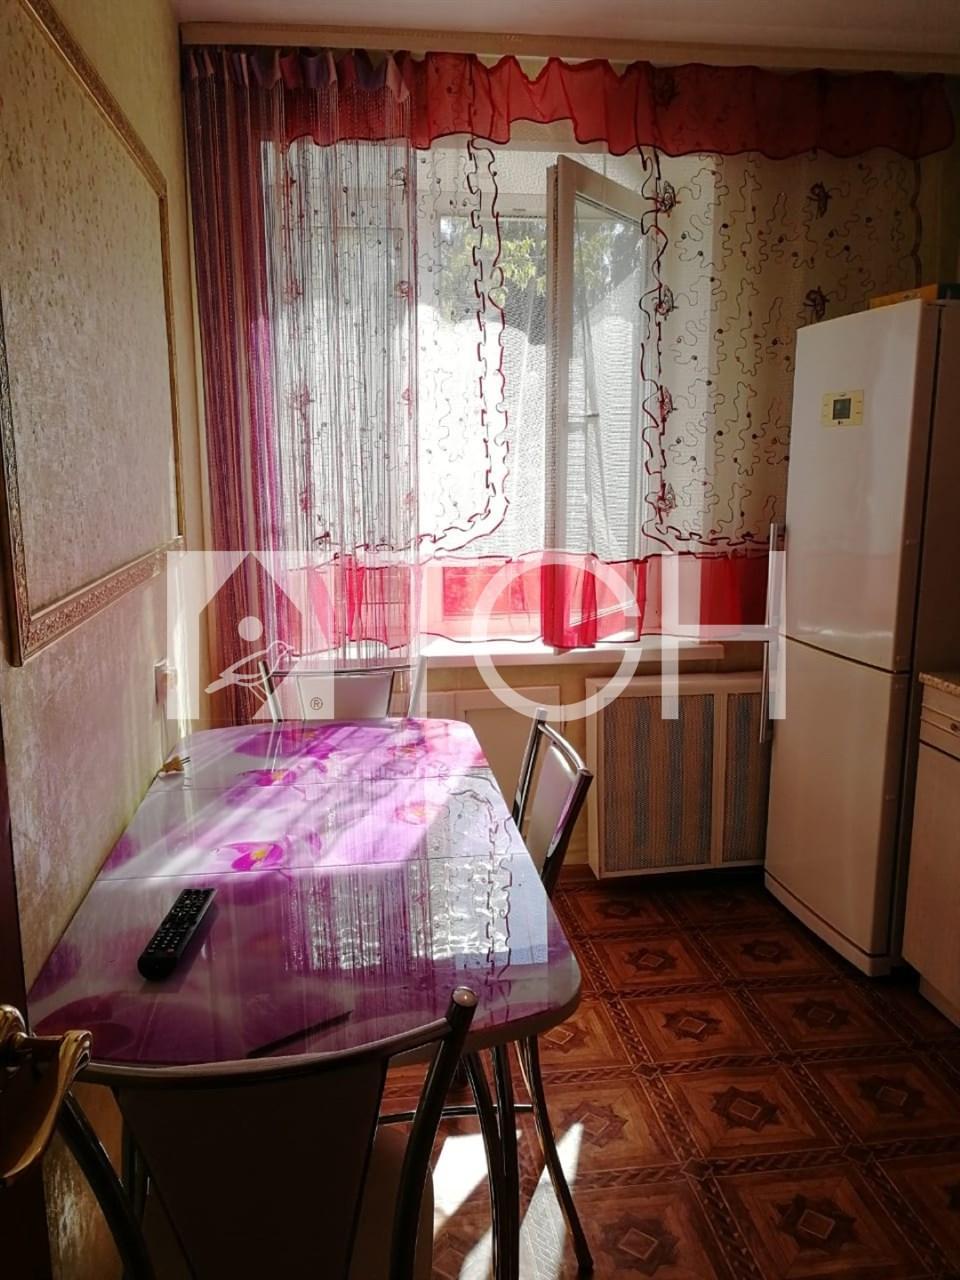 Apartment, 1 room, 35 m2 in Shchyolkovo 89261425000 buy 2